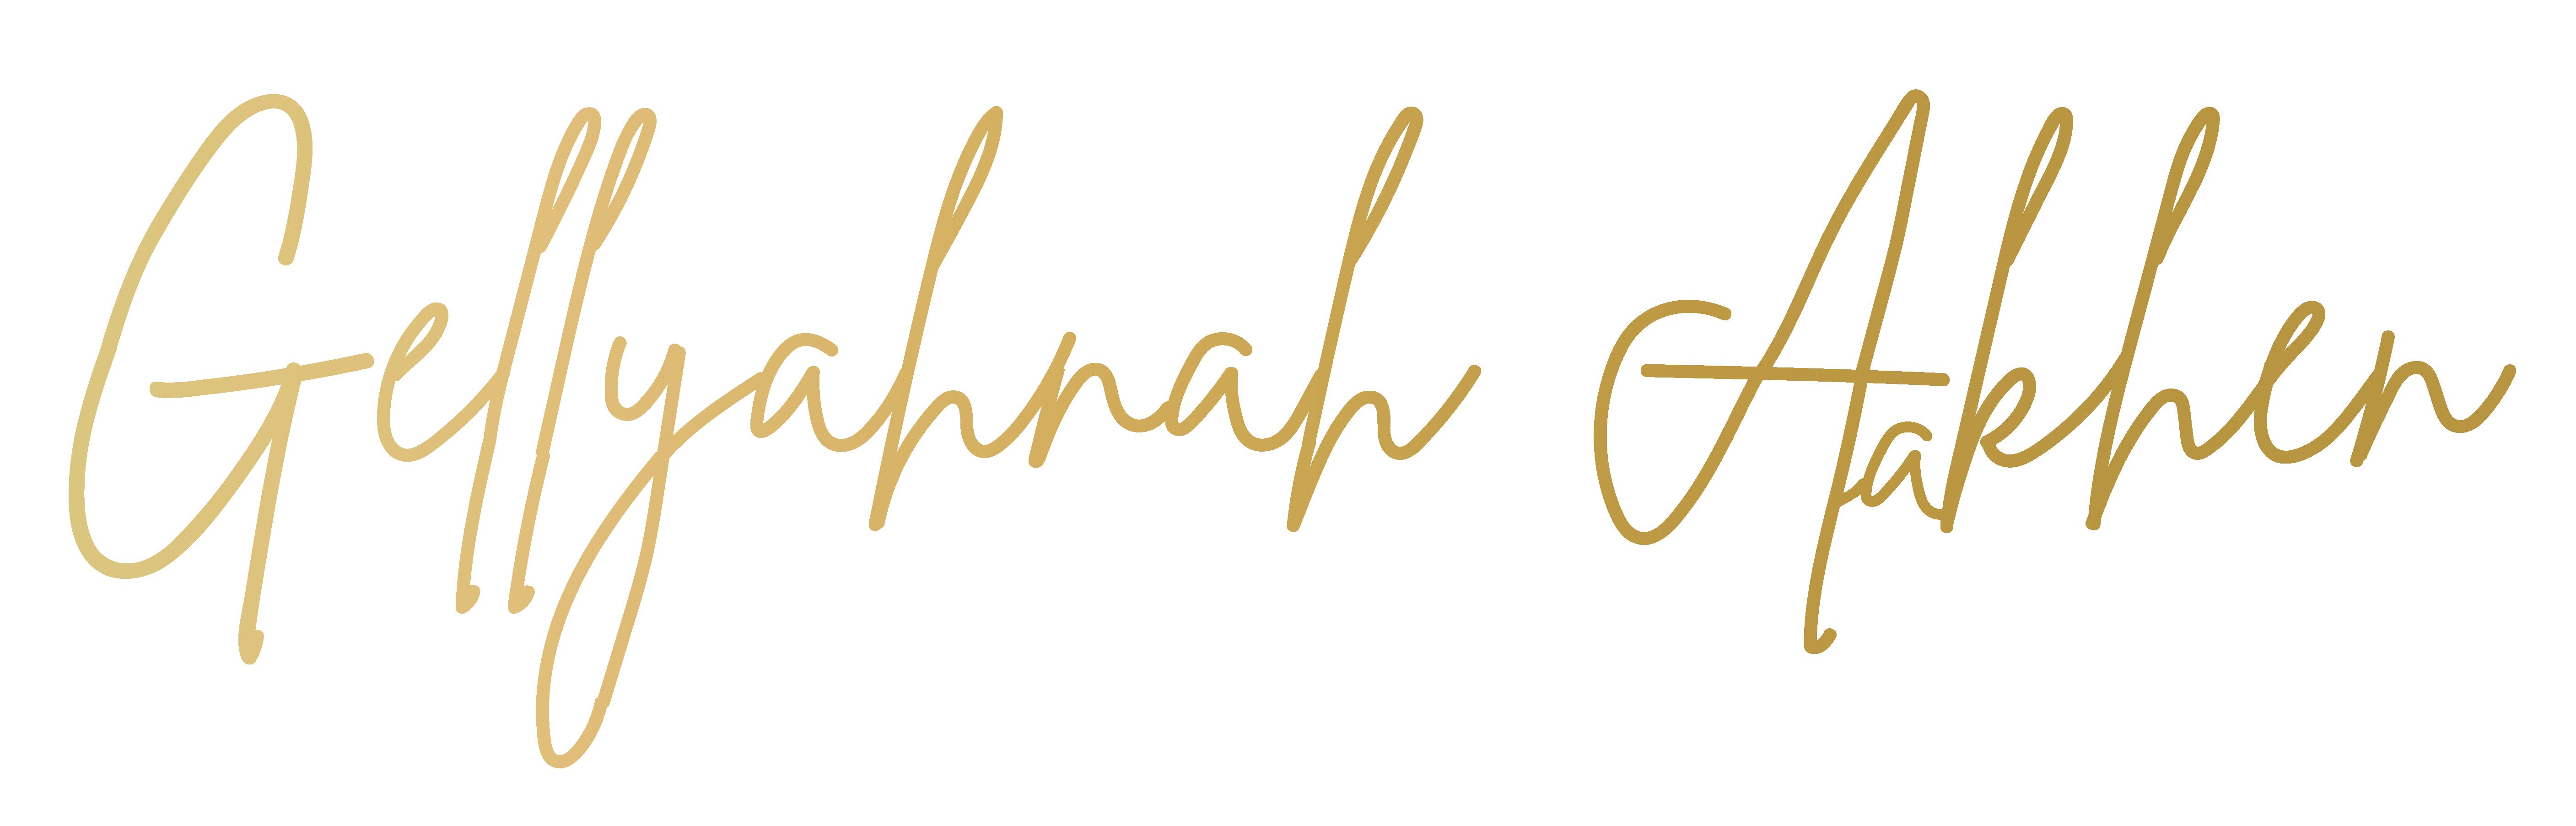 Gellyahnah Aakhen logo